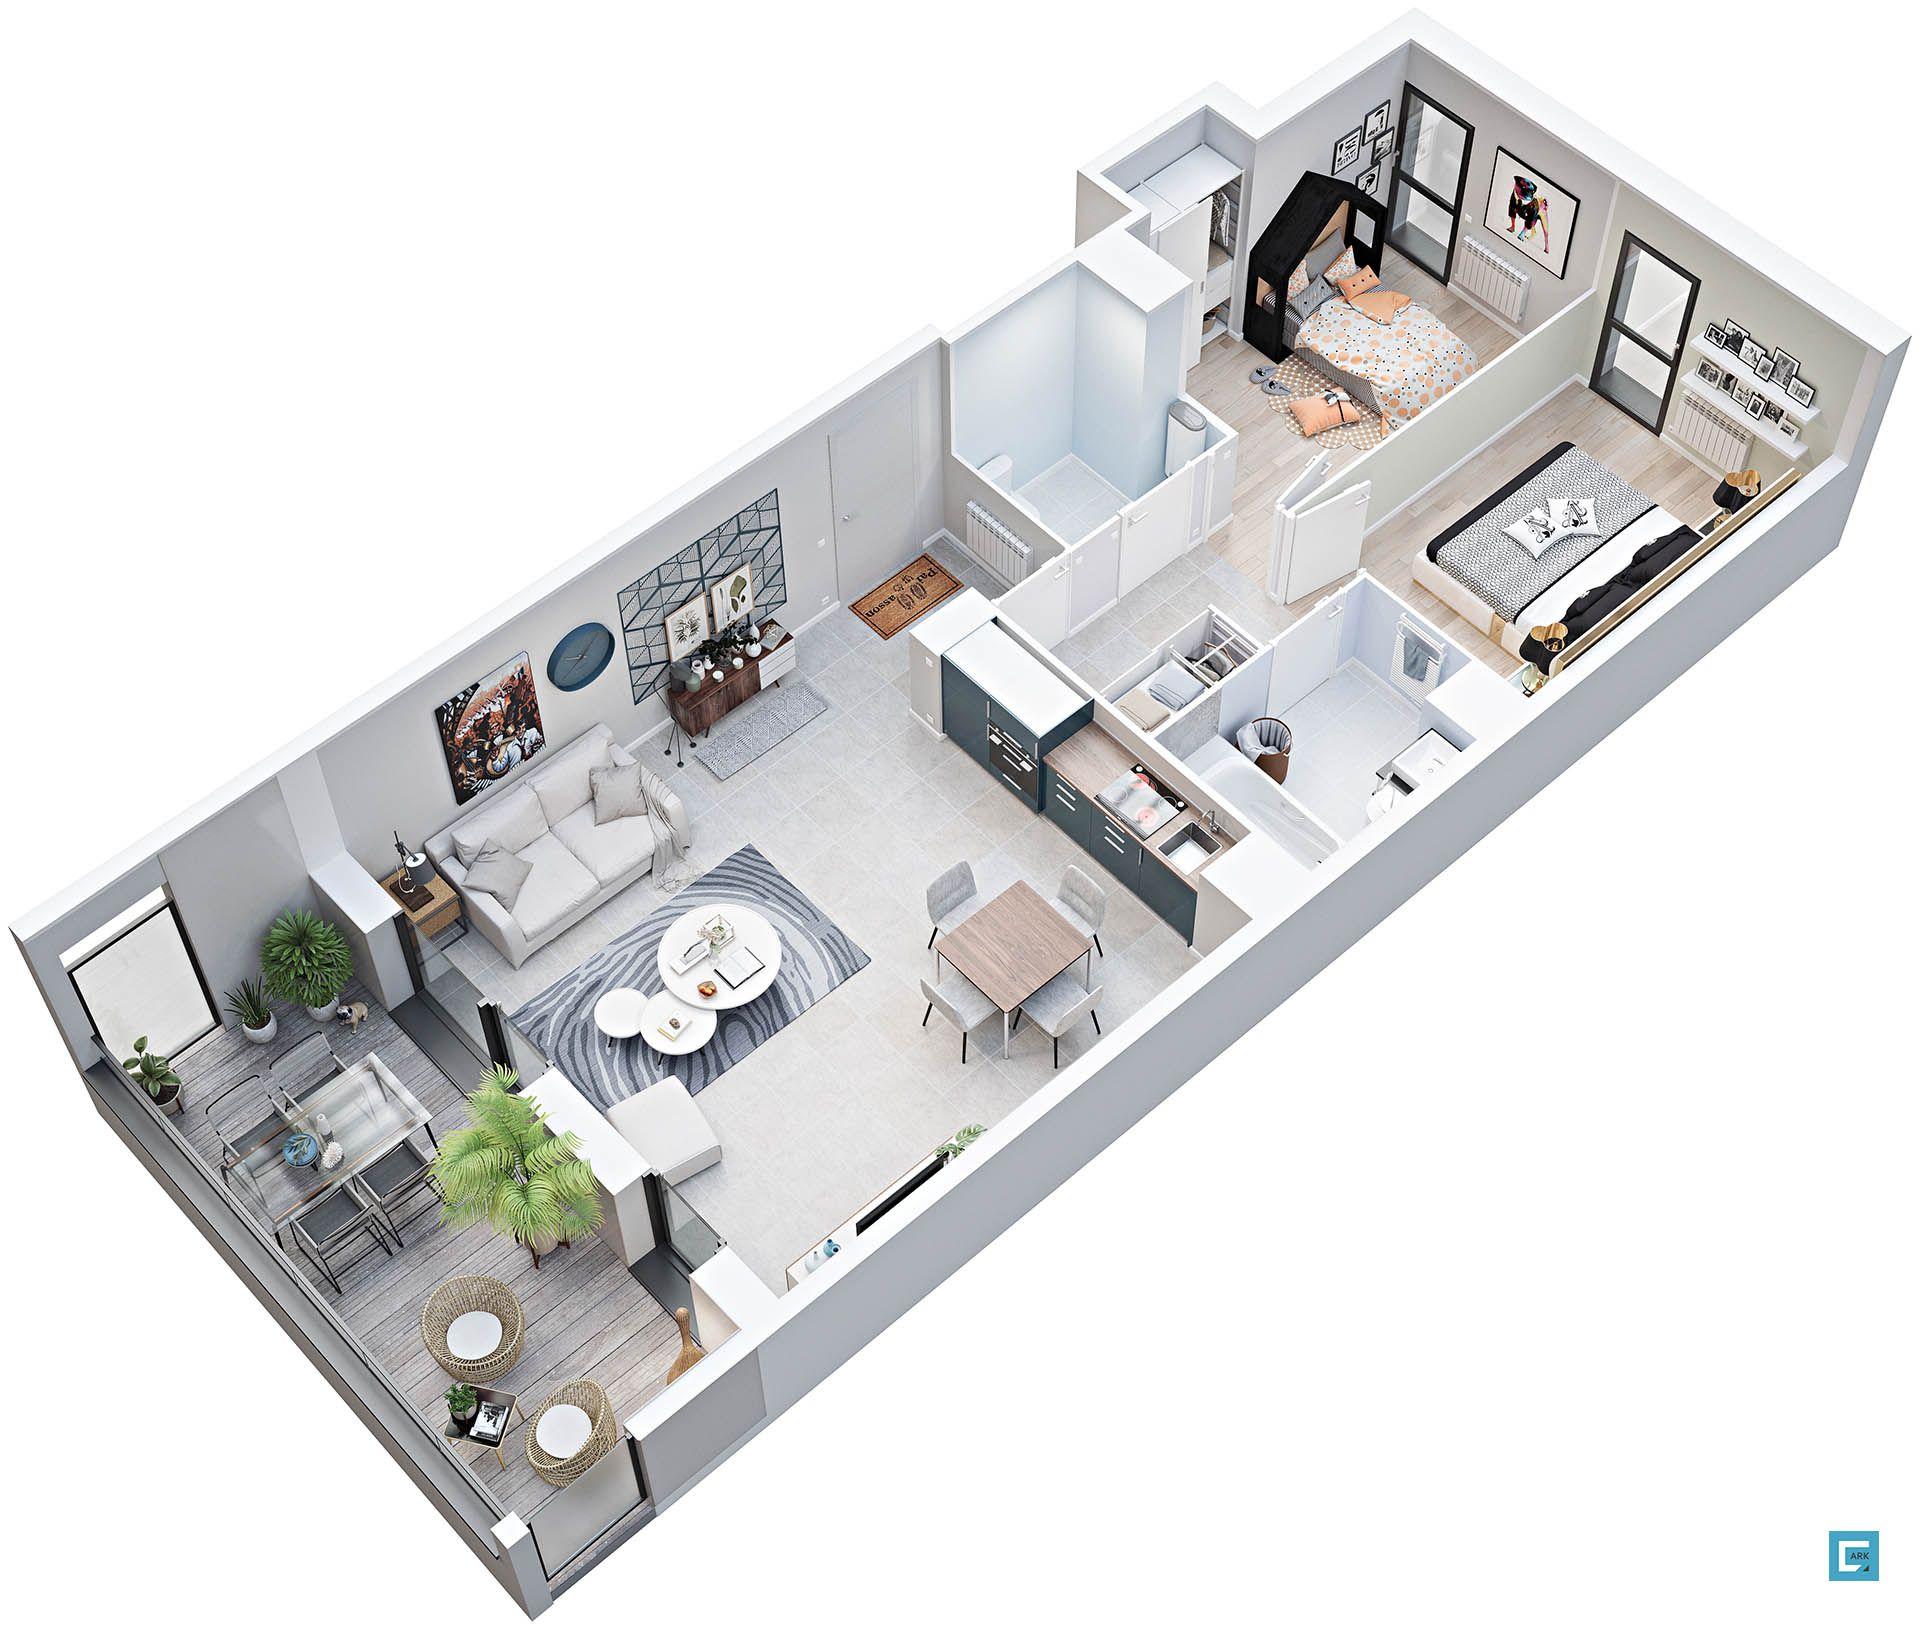 Logiciel Decoration Interieur Plan Et Simulation 4